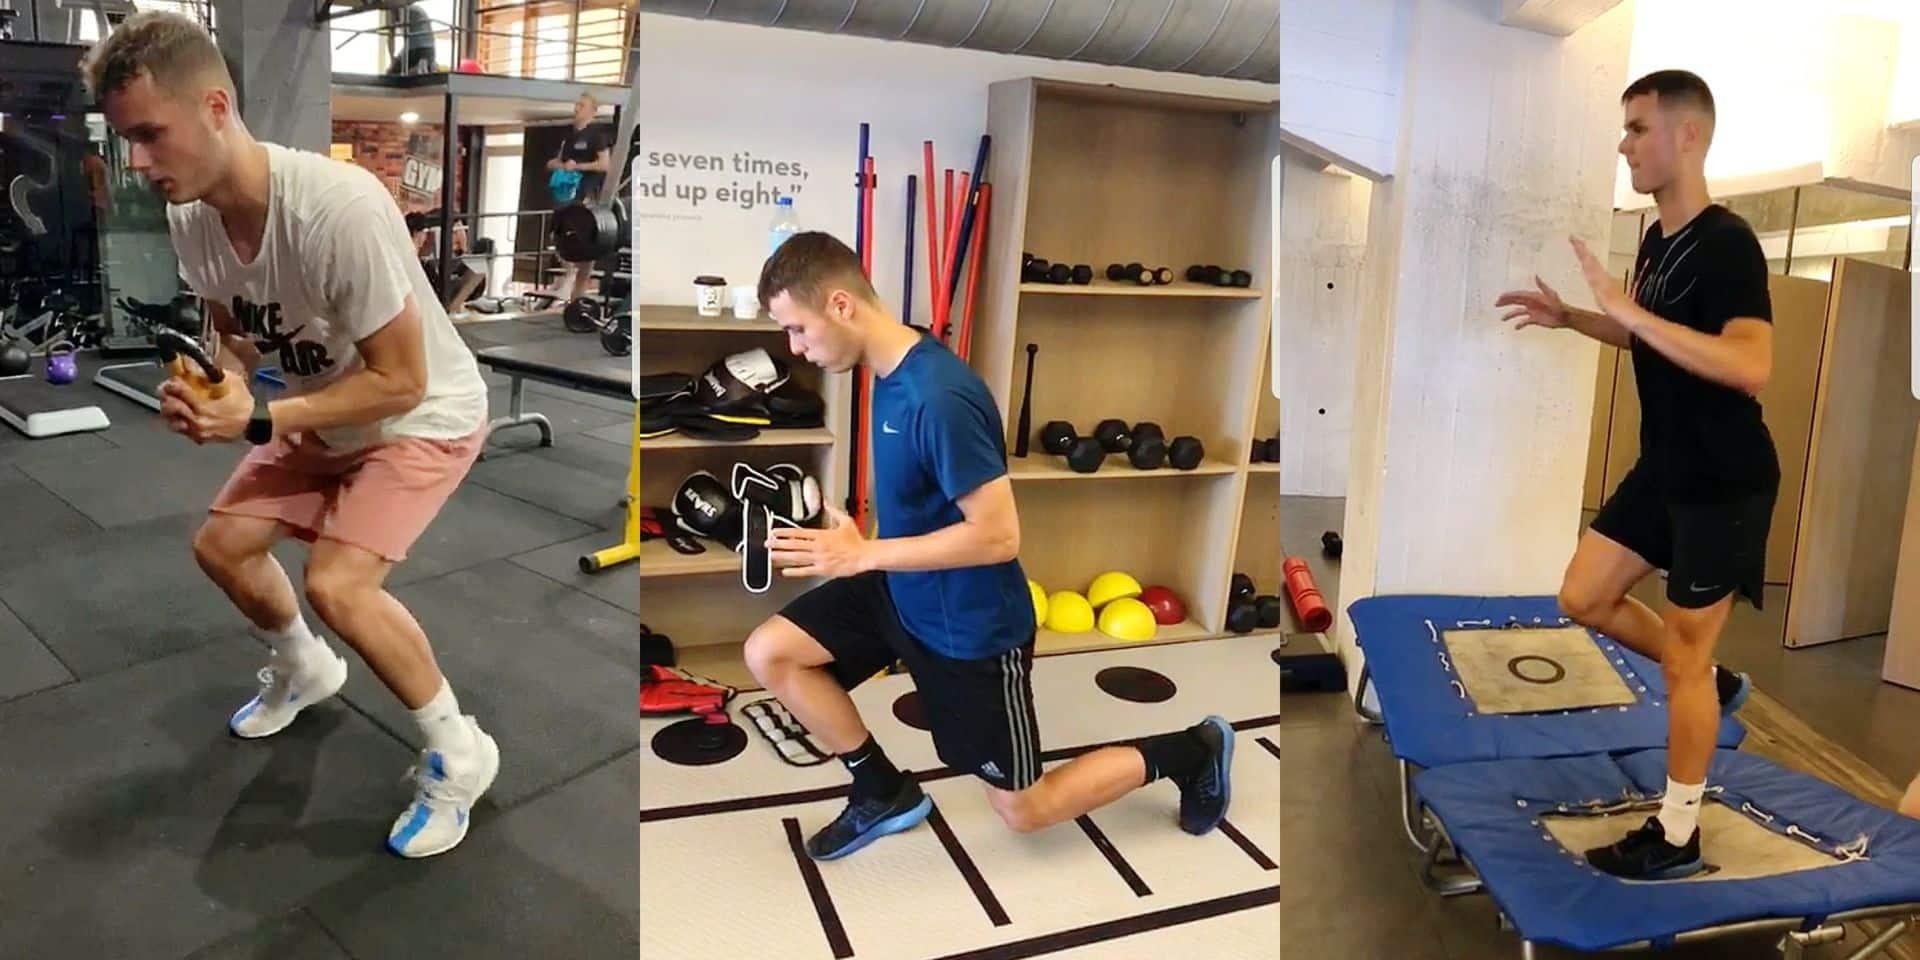 """Lieven Maaeschalck s'exprime sur la blessure de Vanheusden : """"Zinho a une force mentale incroyable"""""""